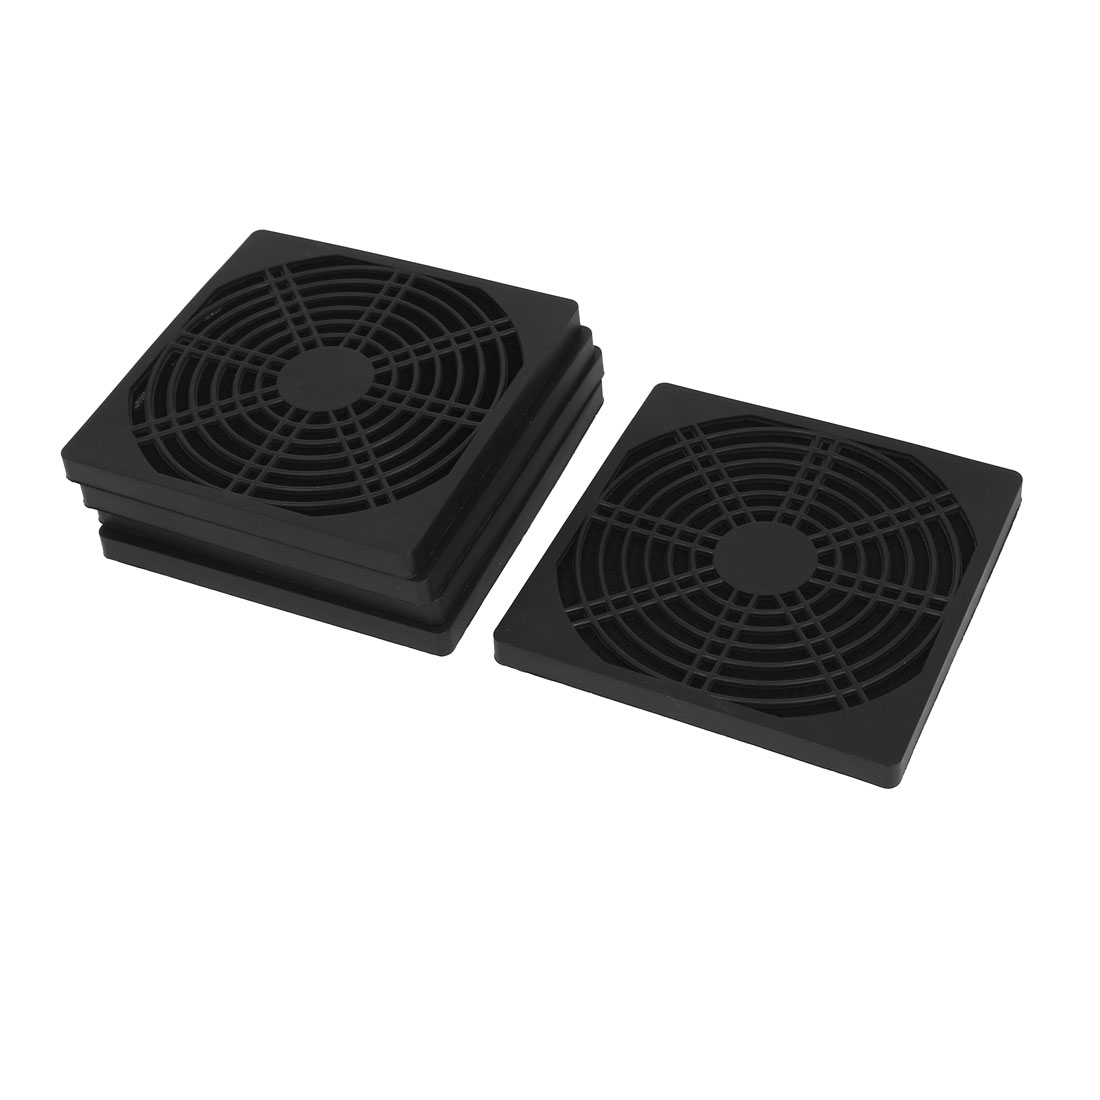 120mm Computer PC Dustproof Cooler Fan Case Cover Dust Filter Mesh 5pcs